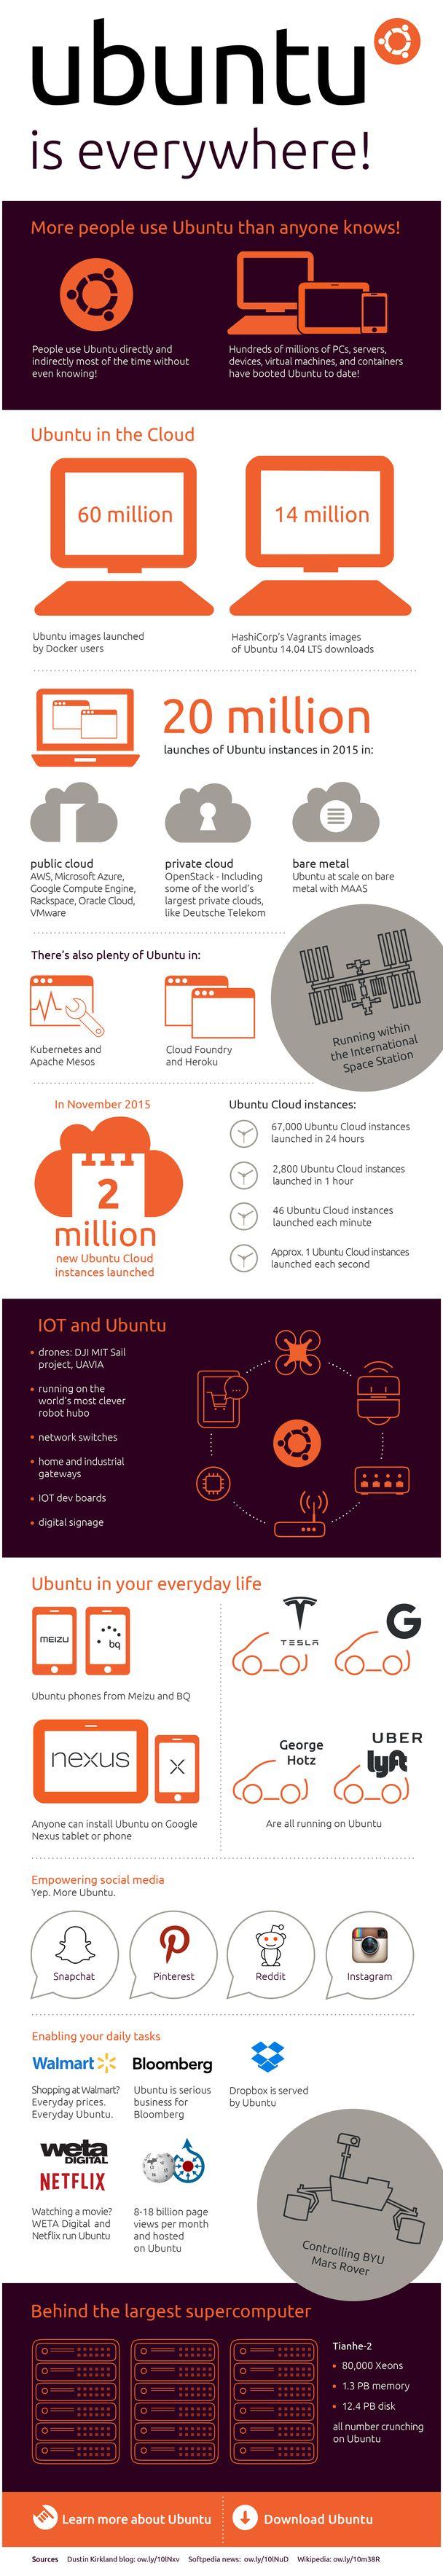 How many people use #Ubuntu? #Infographic